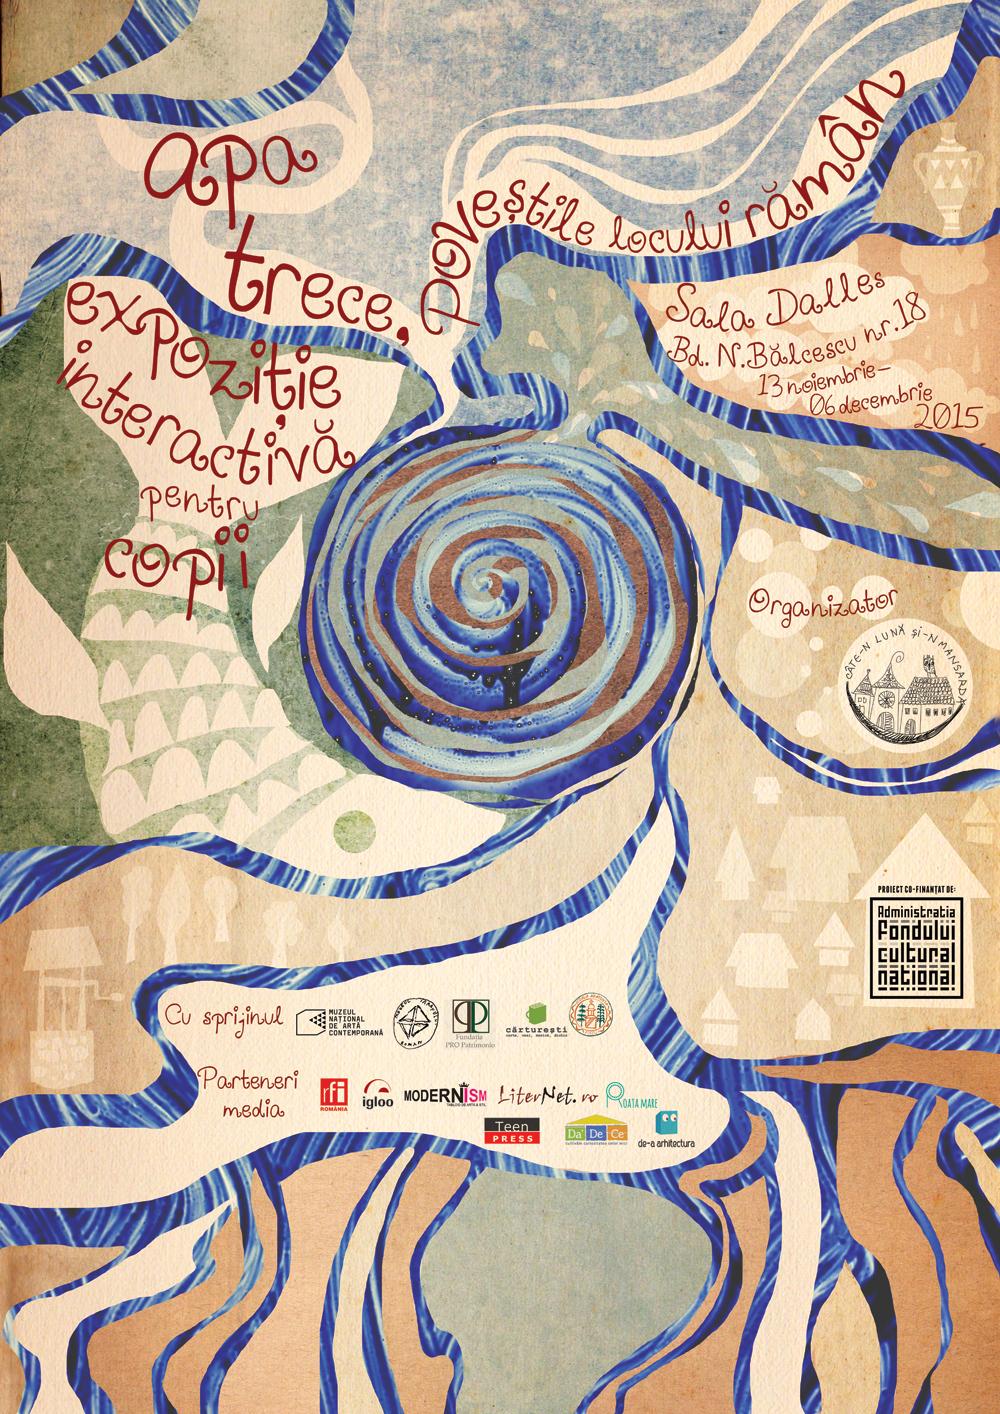 Apa trece, poveștile locului rămân: expoziție interactivă pentru copii, despre patrimoniul cultural național